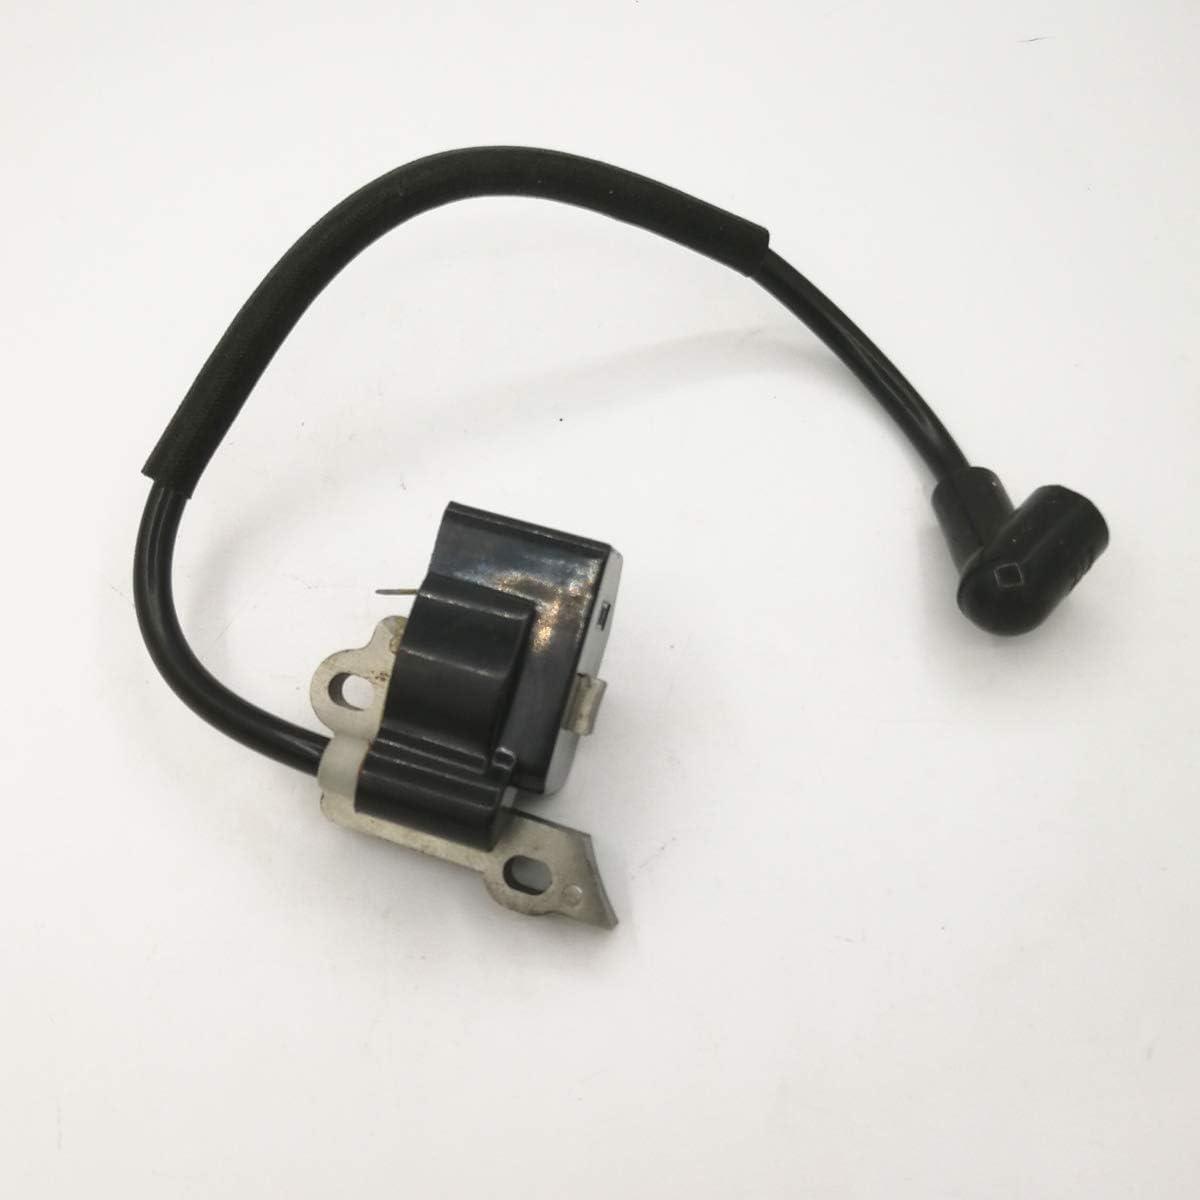 Cancanle Module de Bobine dallumage pour Poulan PP3516AV PP4218AV McCulloch MC4218 tron/çonneuse Moteur R/éf 545115801 585838301